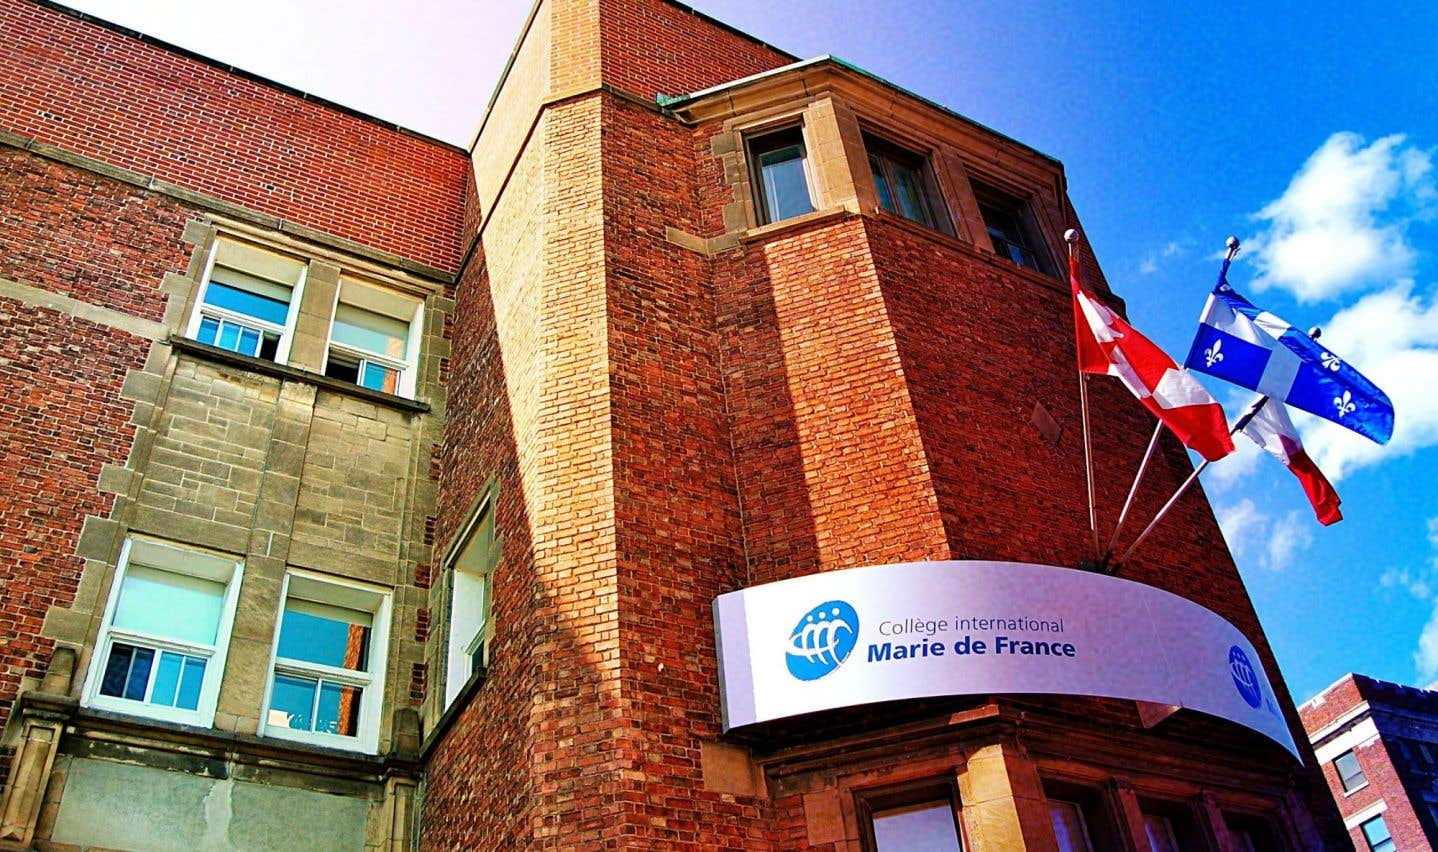 La communauté de Marie-de-France s'est fixé comme but premier la réussite de l'élève.